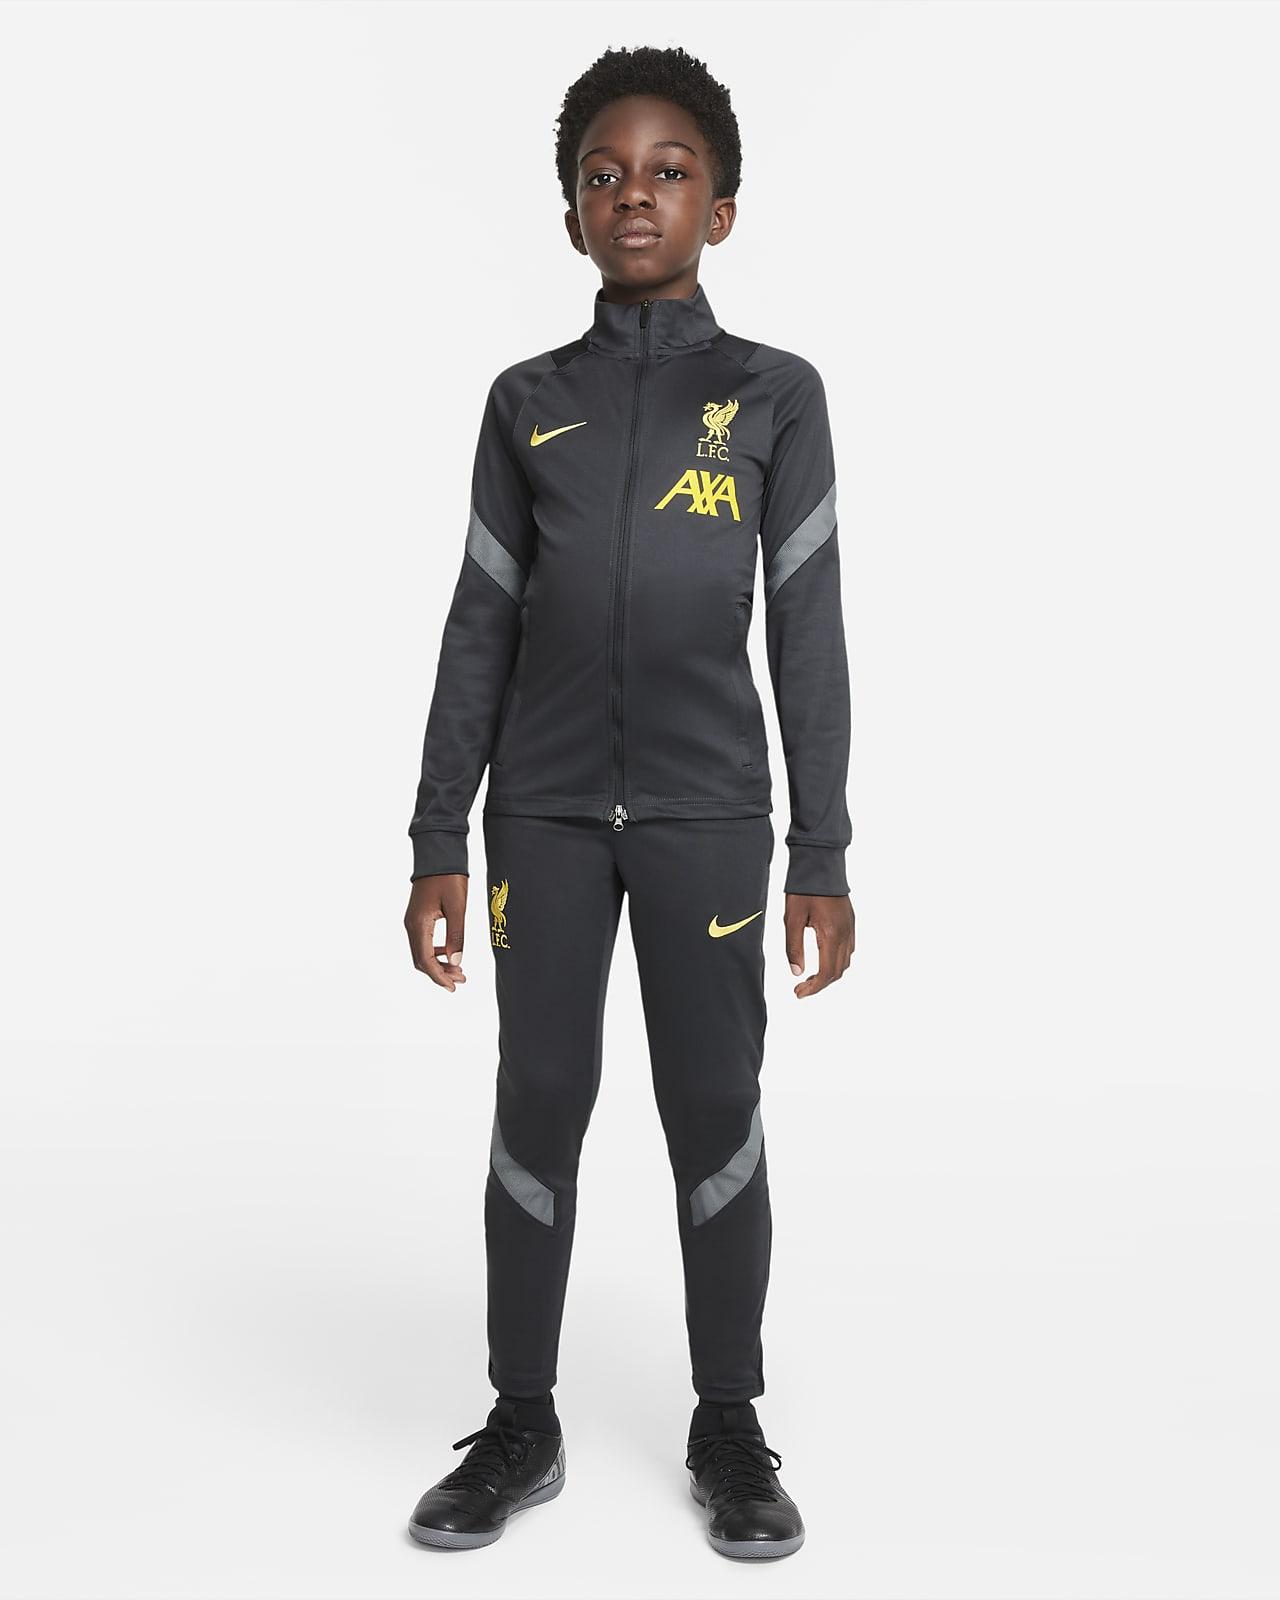 Liverpool F.C. Strike Older Kids' Nike Dri-FIT Knit Football Tracksuit